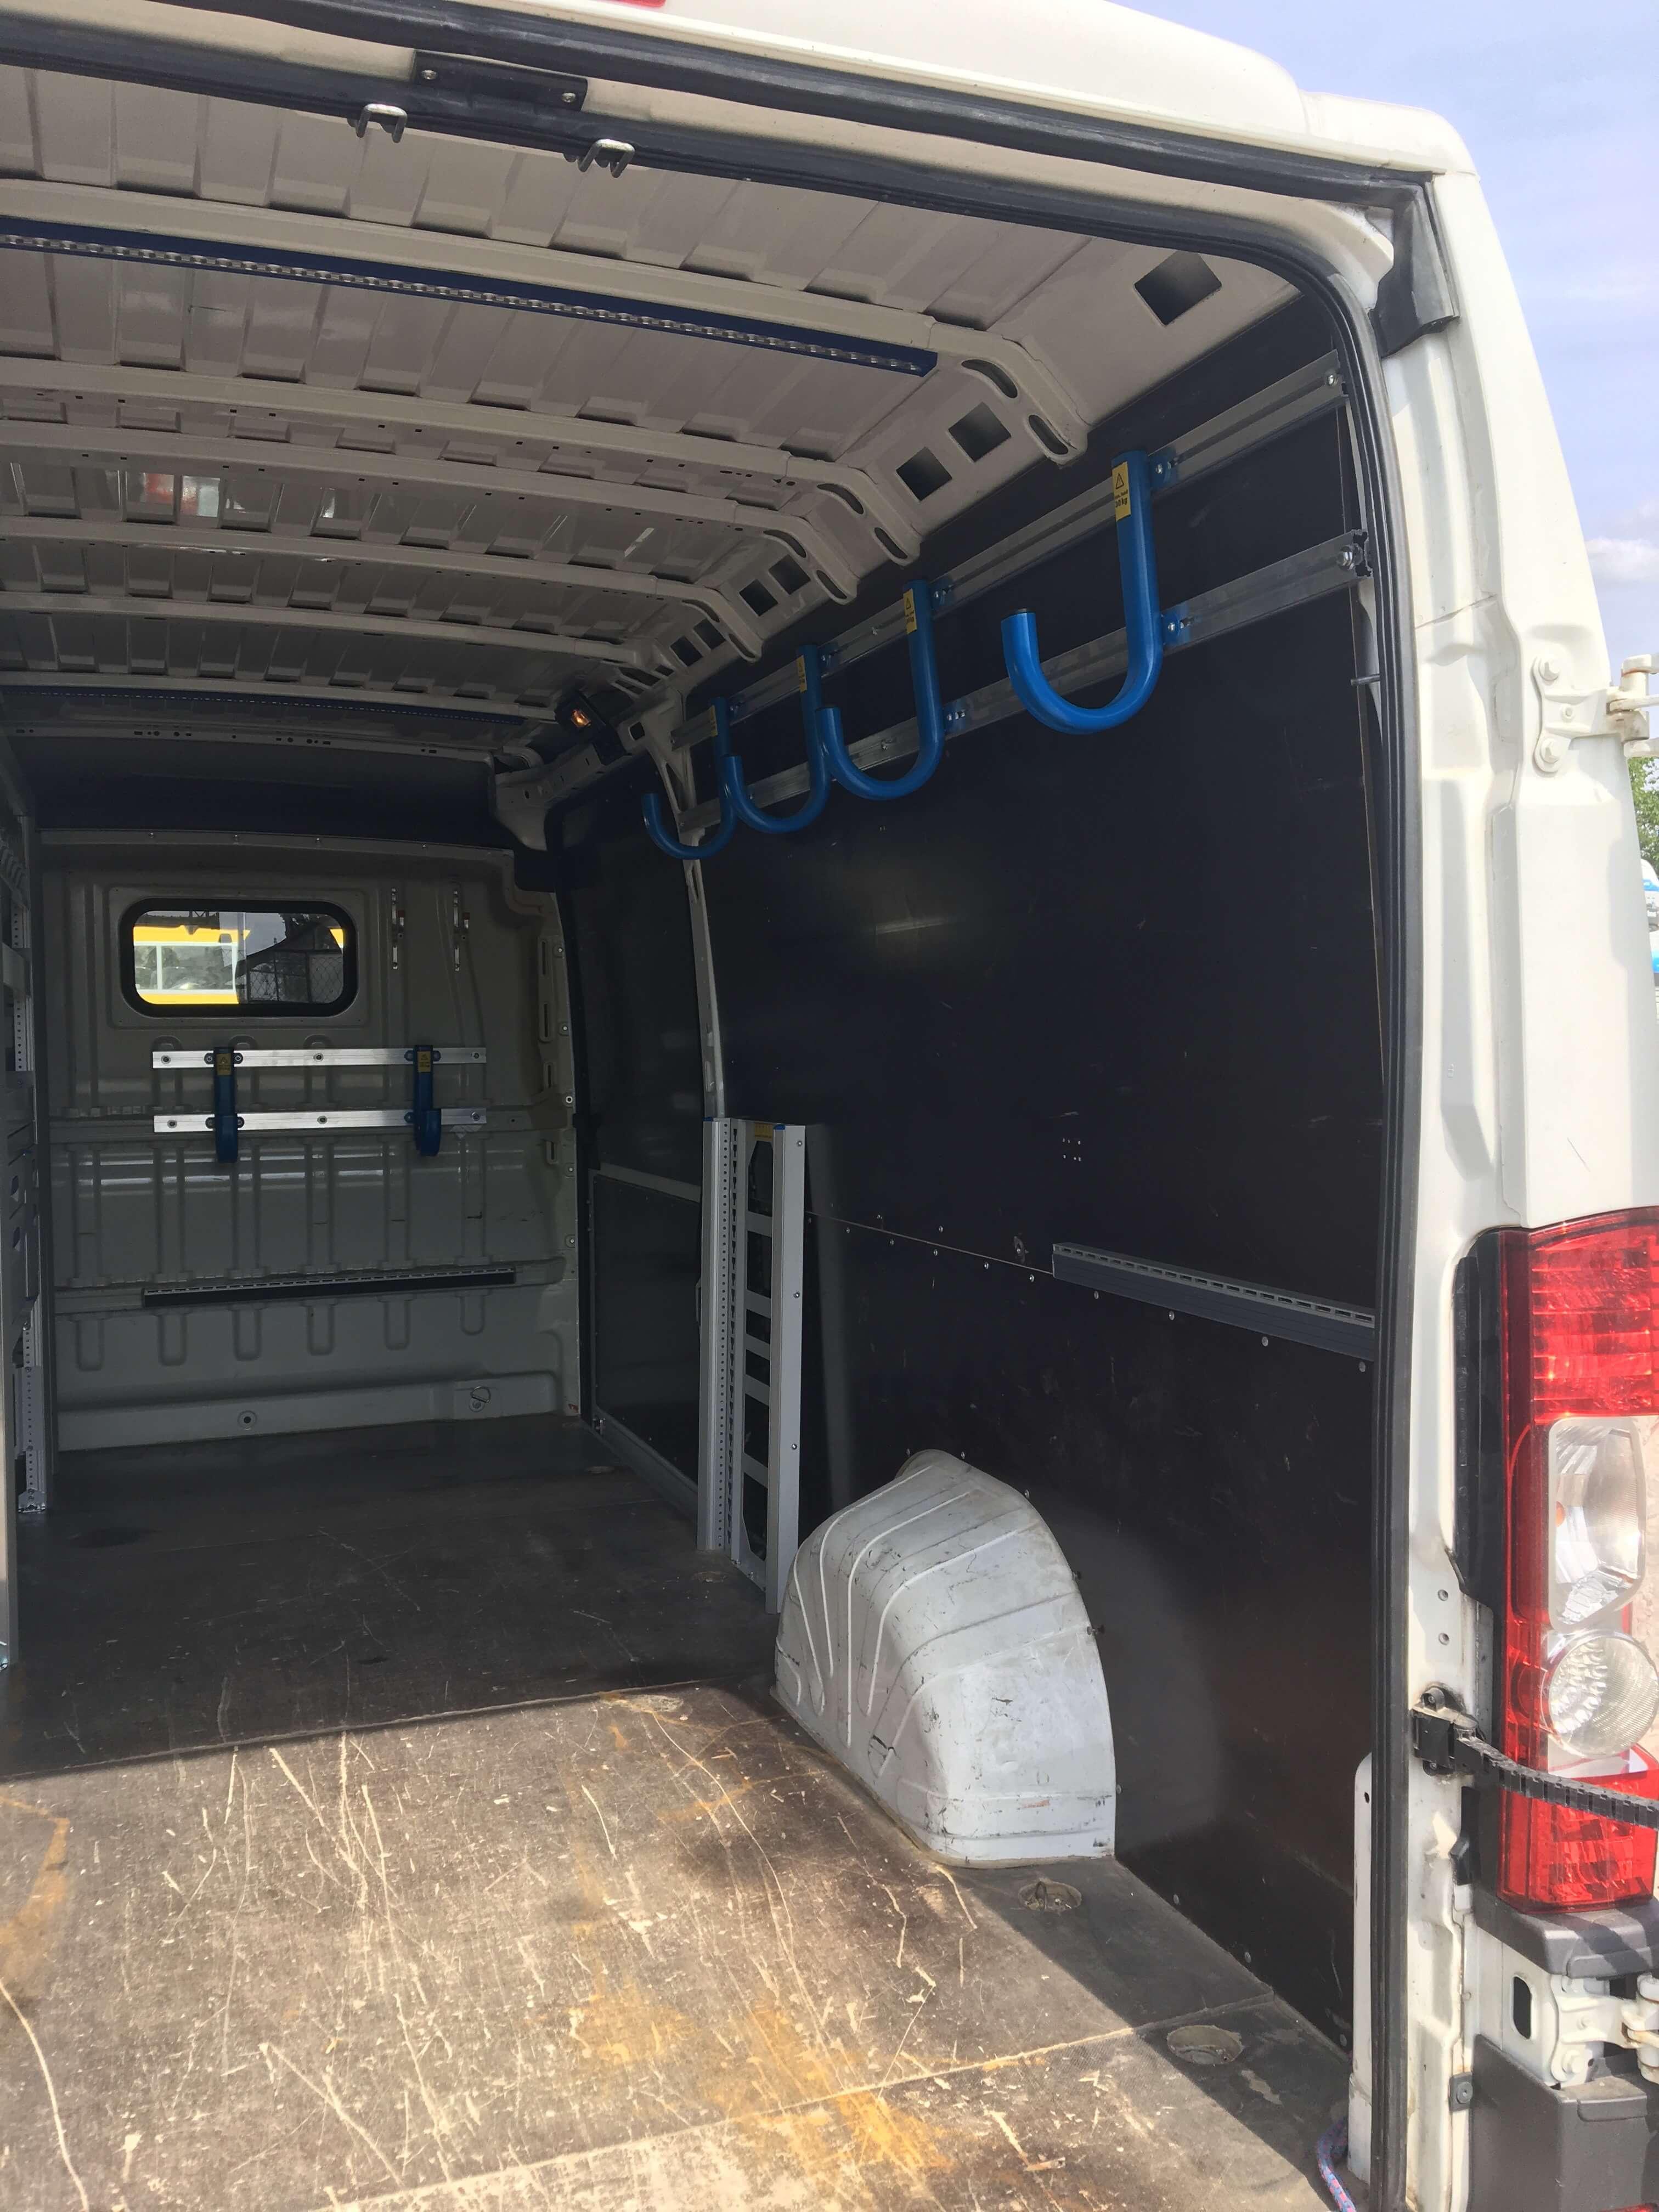 Zariadenie vozidla na montáž a servis klimatizácie a vzduchotechniky - Sortimo